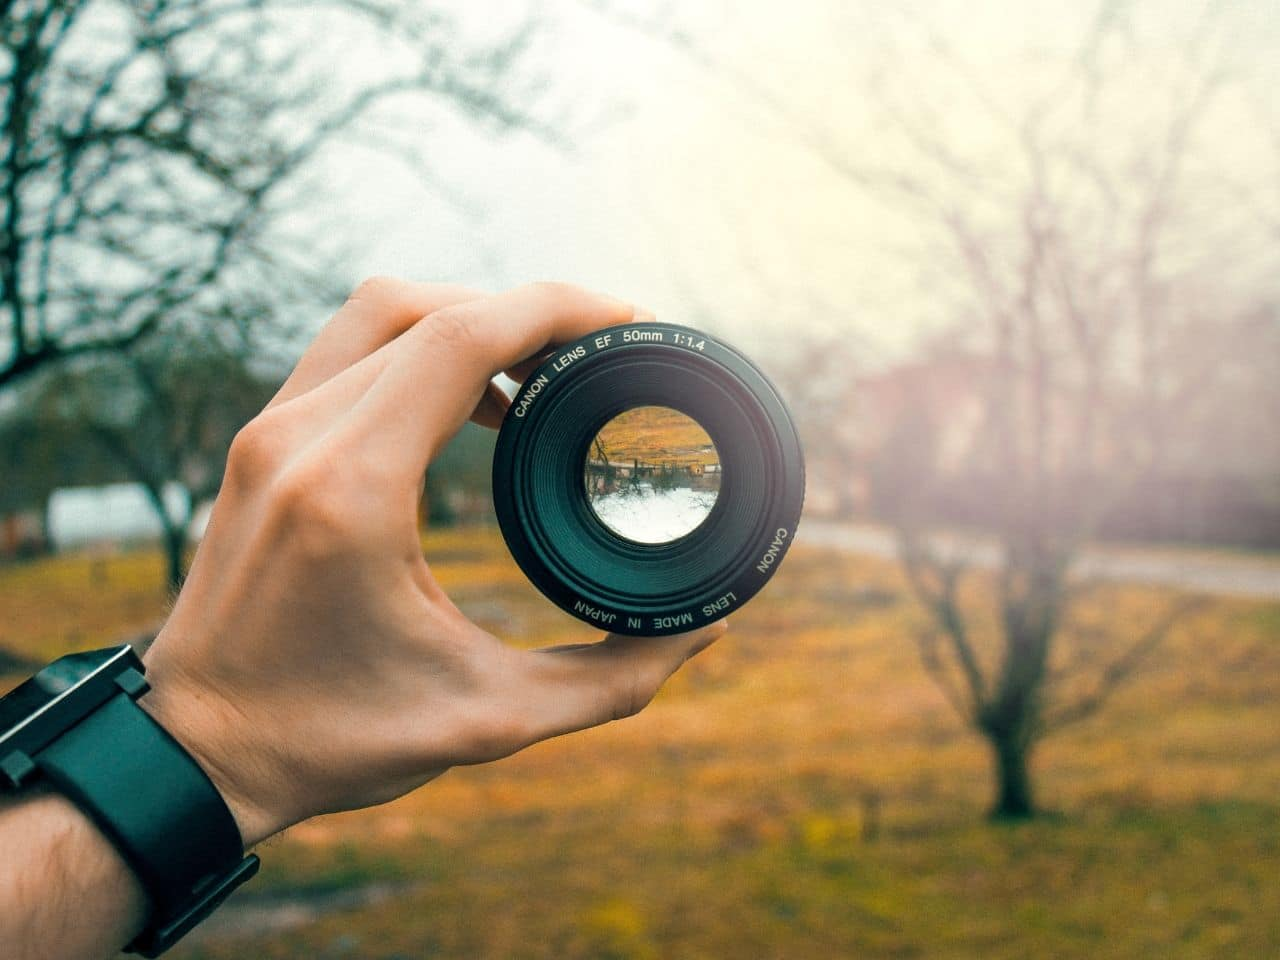 カメラレンズの焦点